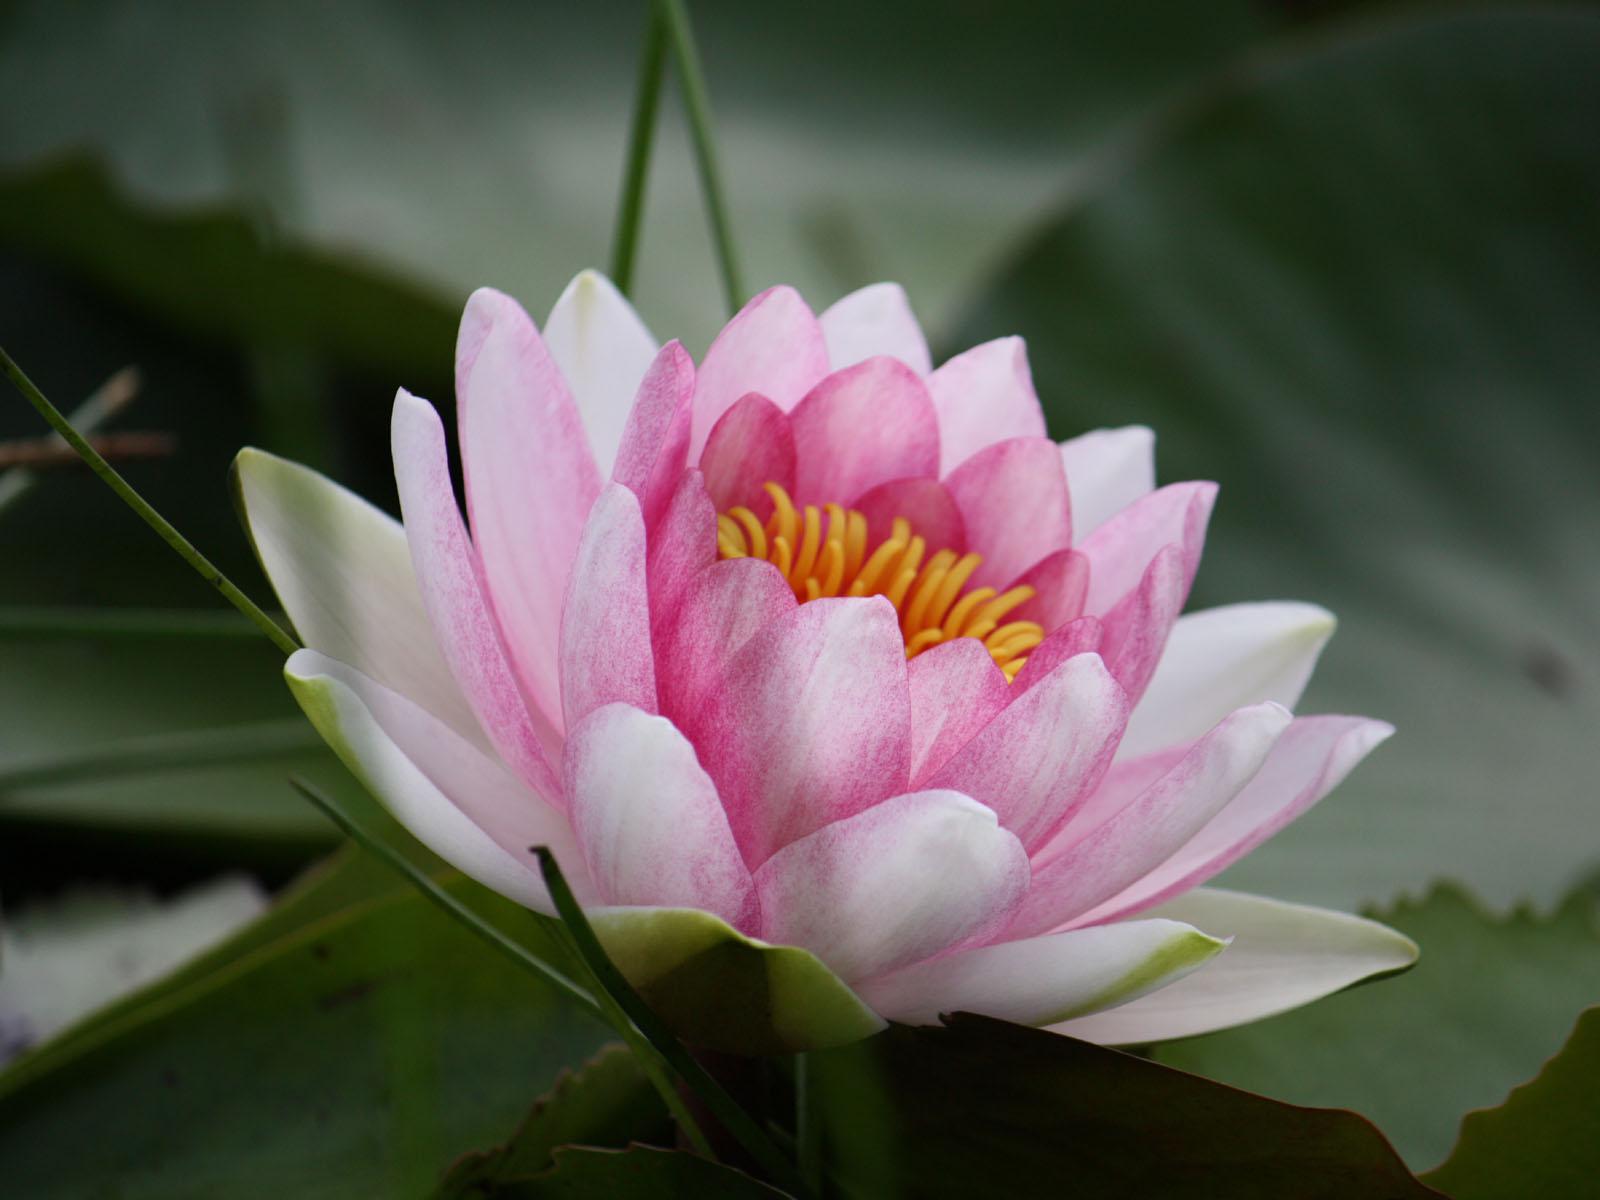 http://4.bp.blogspot.com/-DMScW8H5D9A/T60nVGt5I_I/AAAAAAAACsI/An97CODggXA/s1600/Water+Lily+Wallpapers.jpg